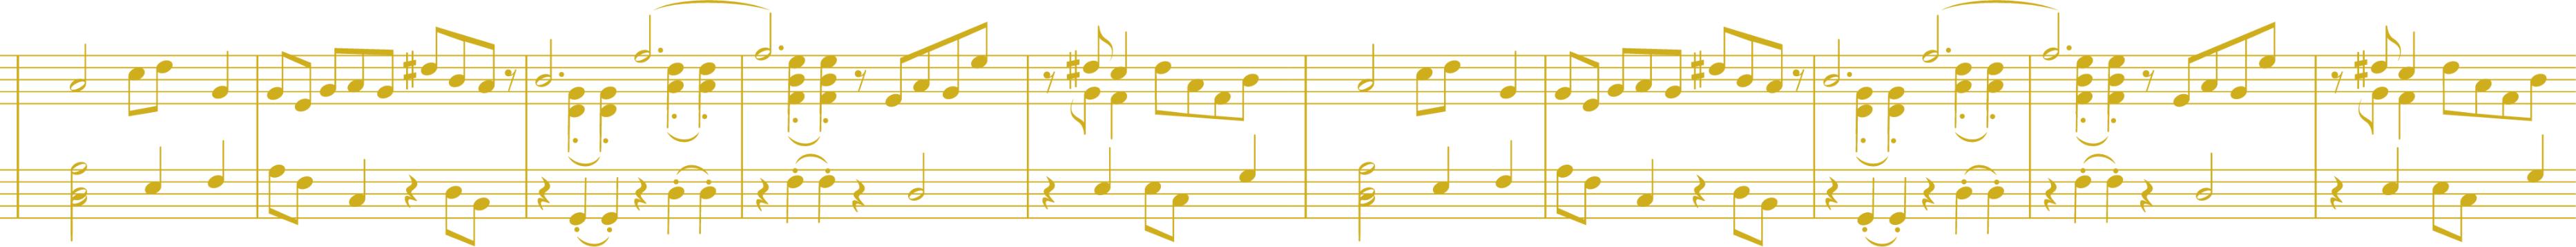 waterbury_ruffin_sheet_music.jpg